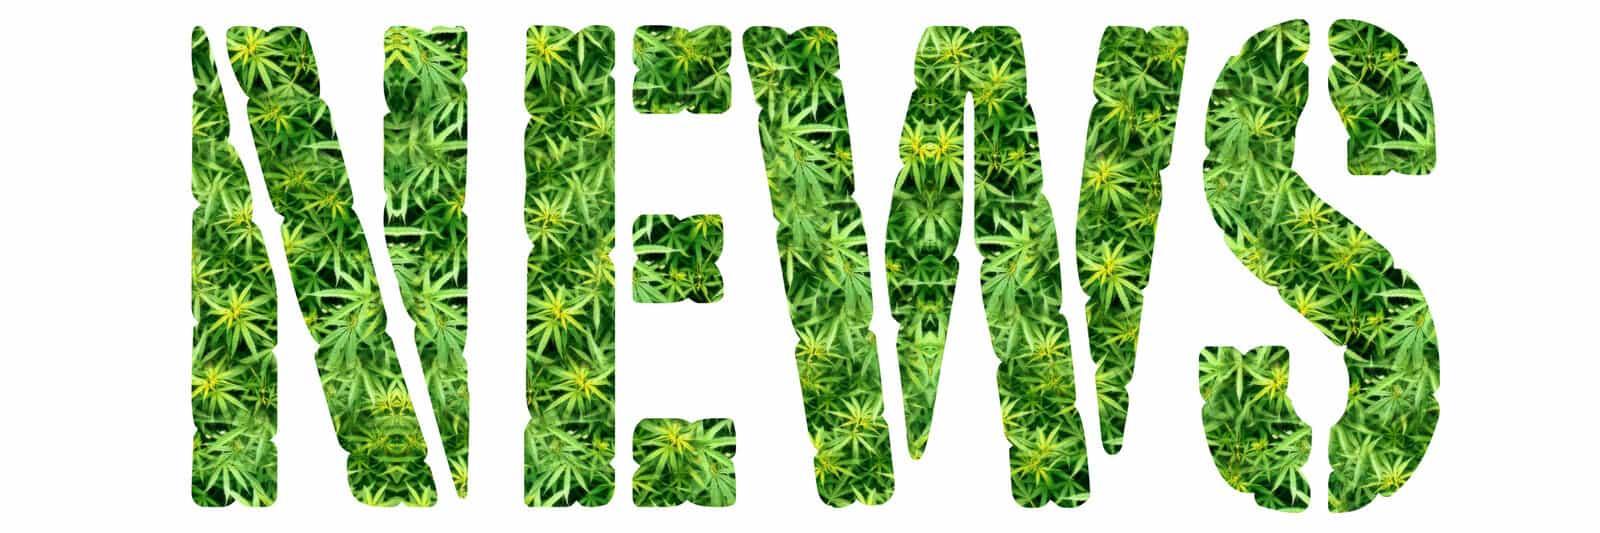 Marijuana News Recap for December 2020